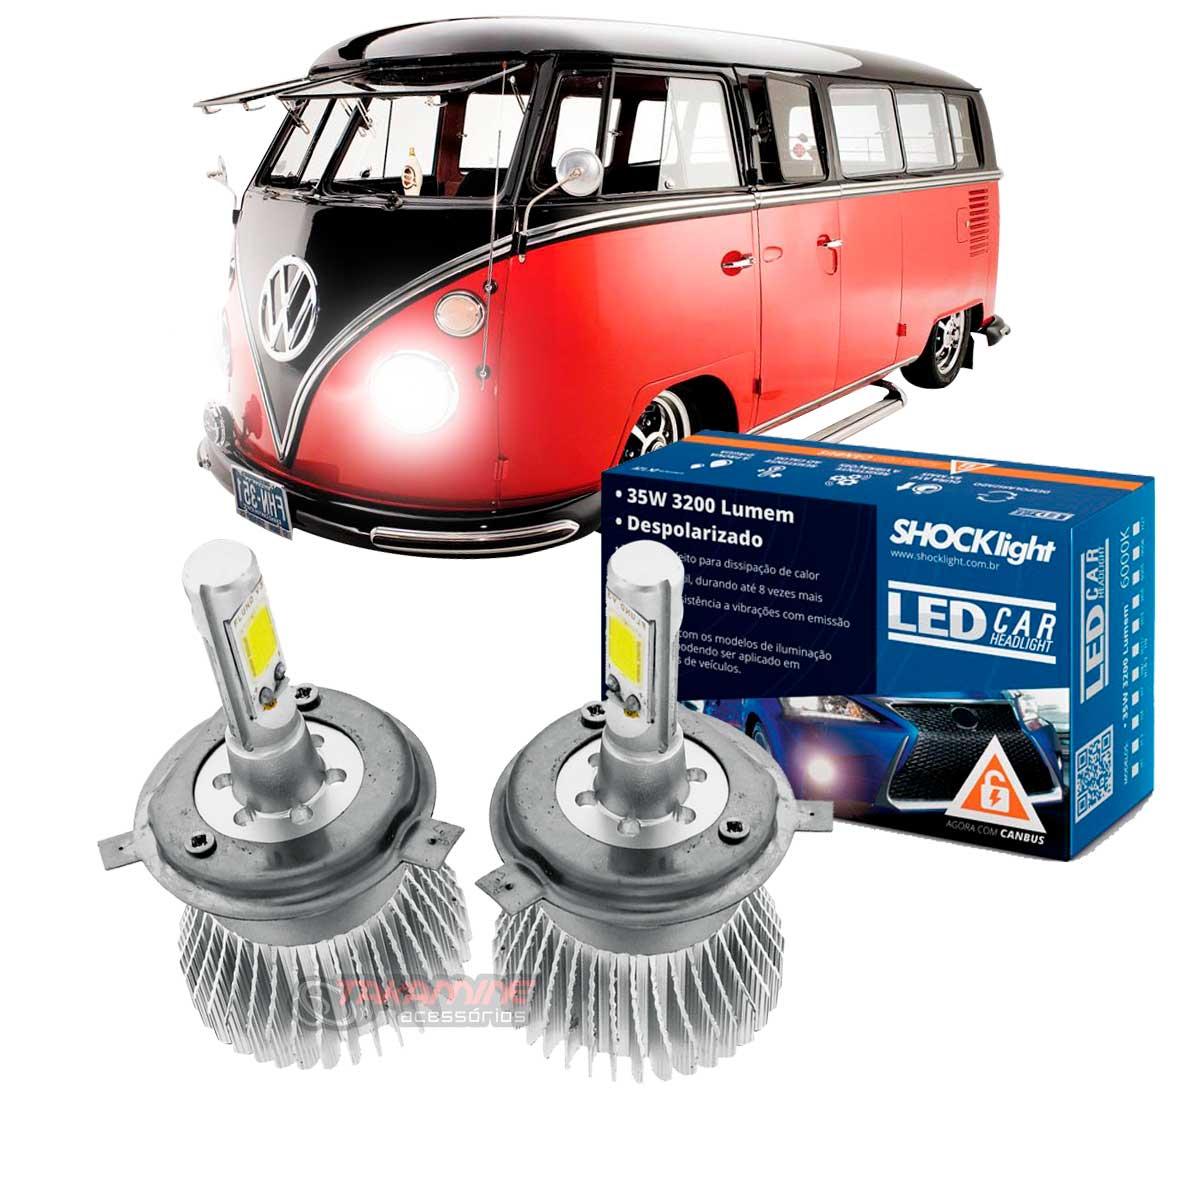 Kit LED Kombi 1958 até 2013 tipo xenon farol alto e baixo H4 35/35W Headlight